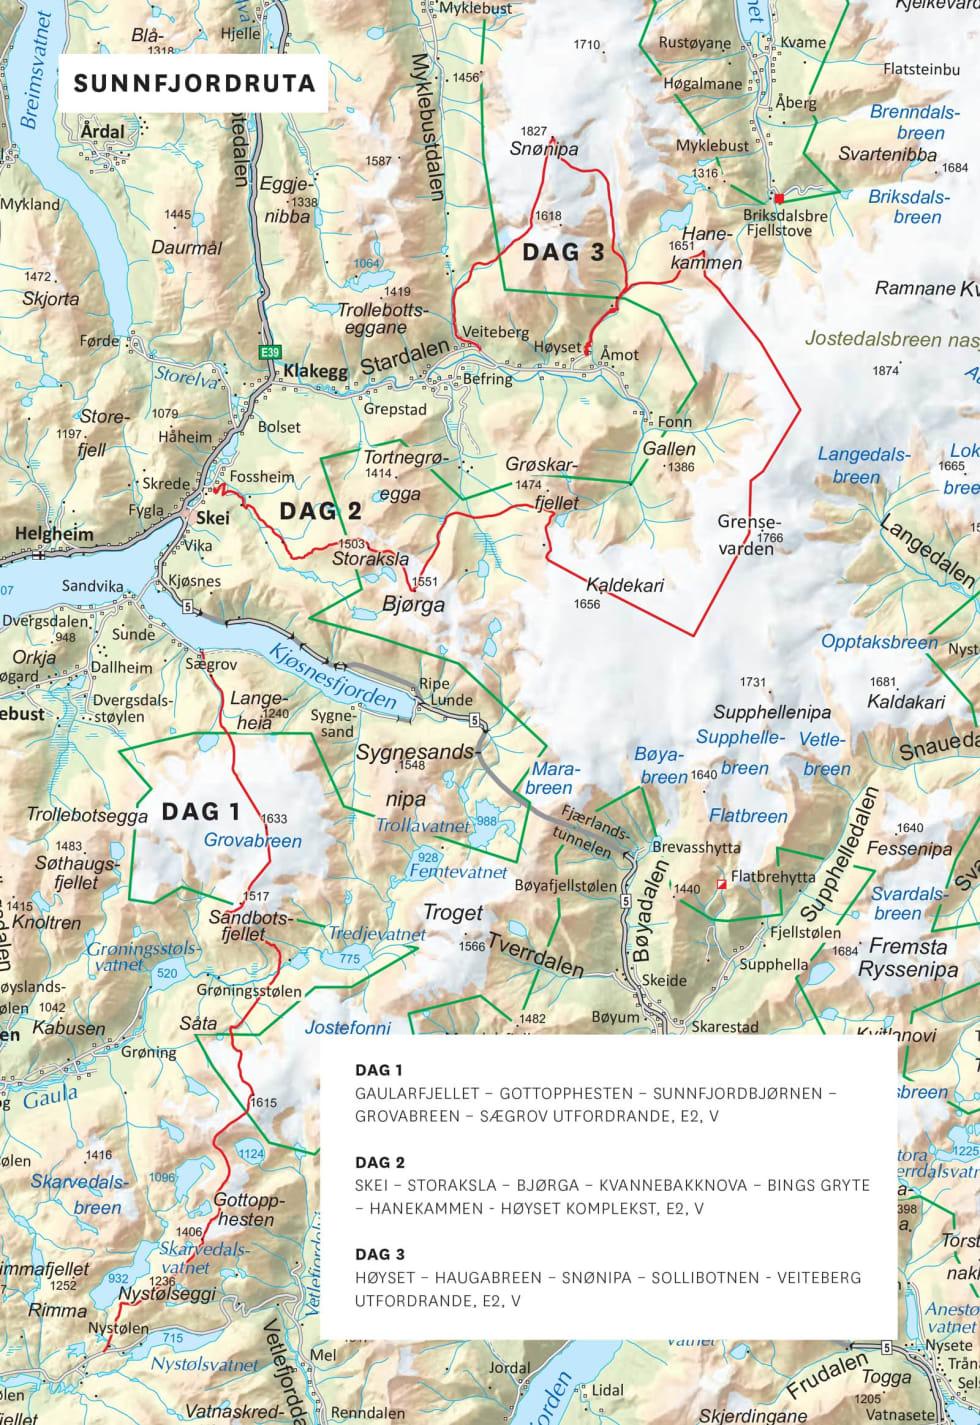 Oversiktskart over Sunnfjordrute. Frå Toppturar i Sunnfjord